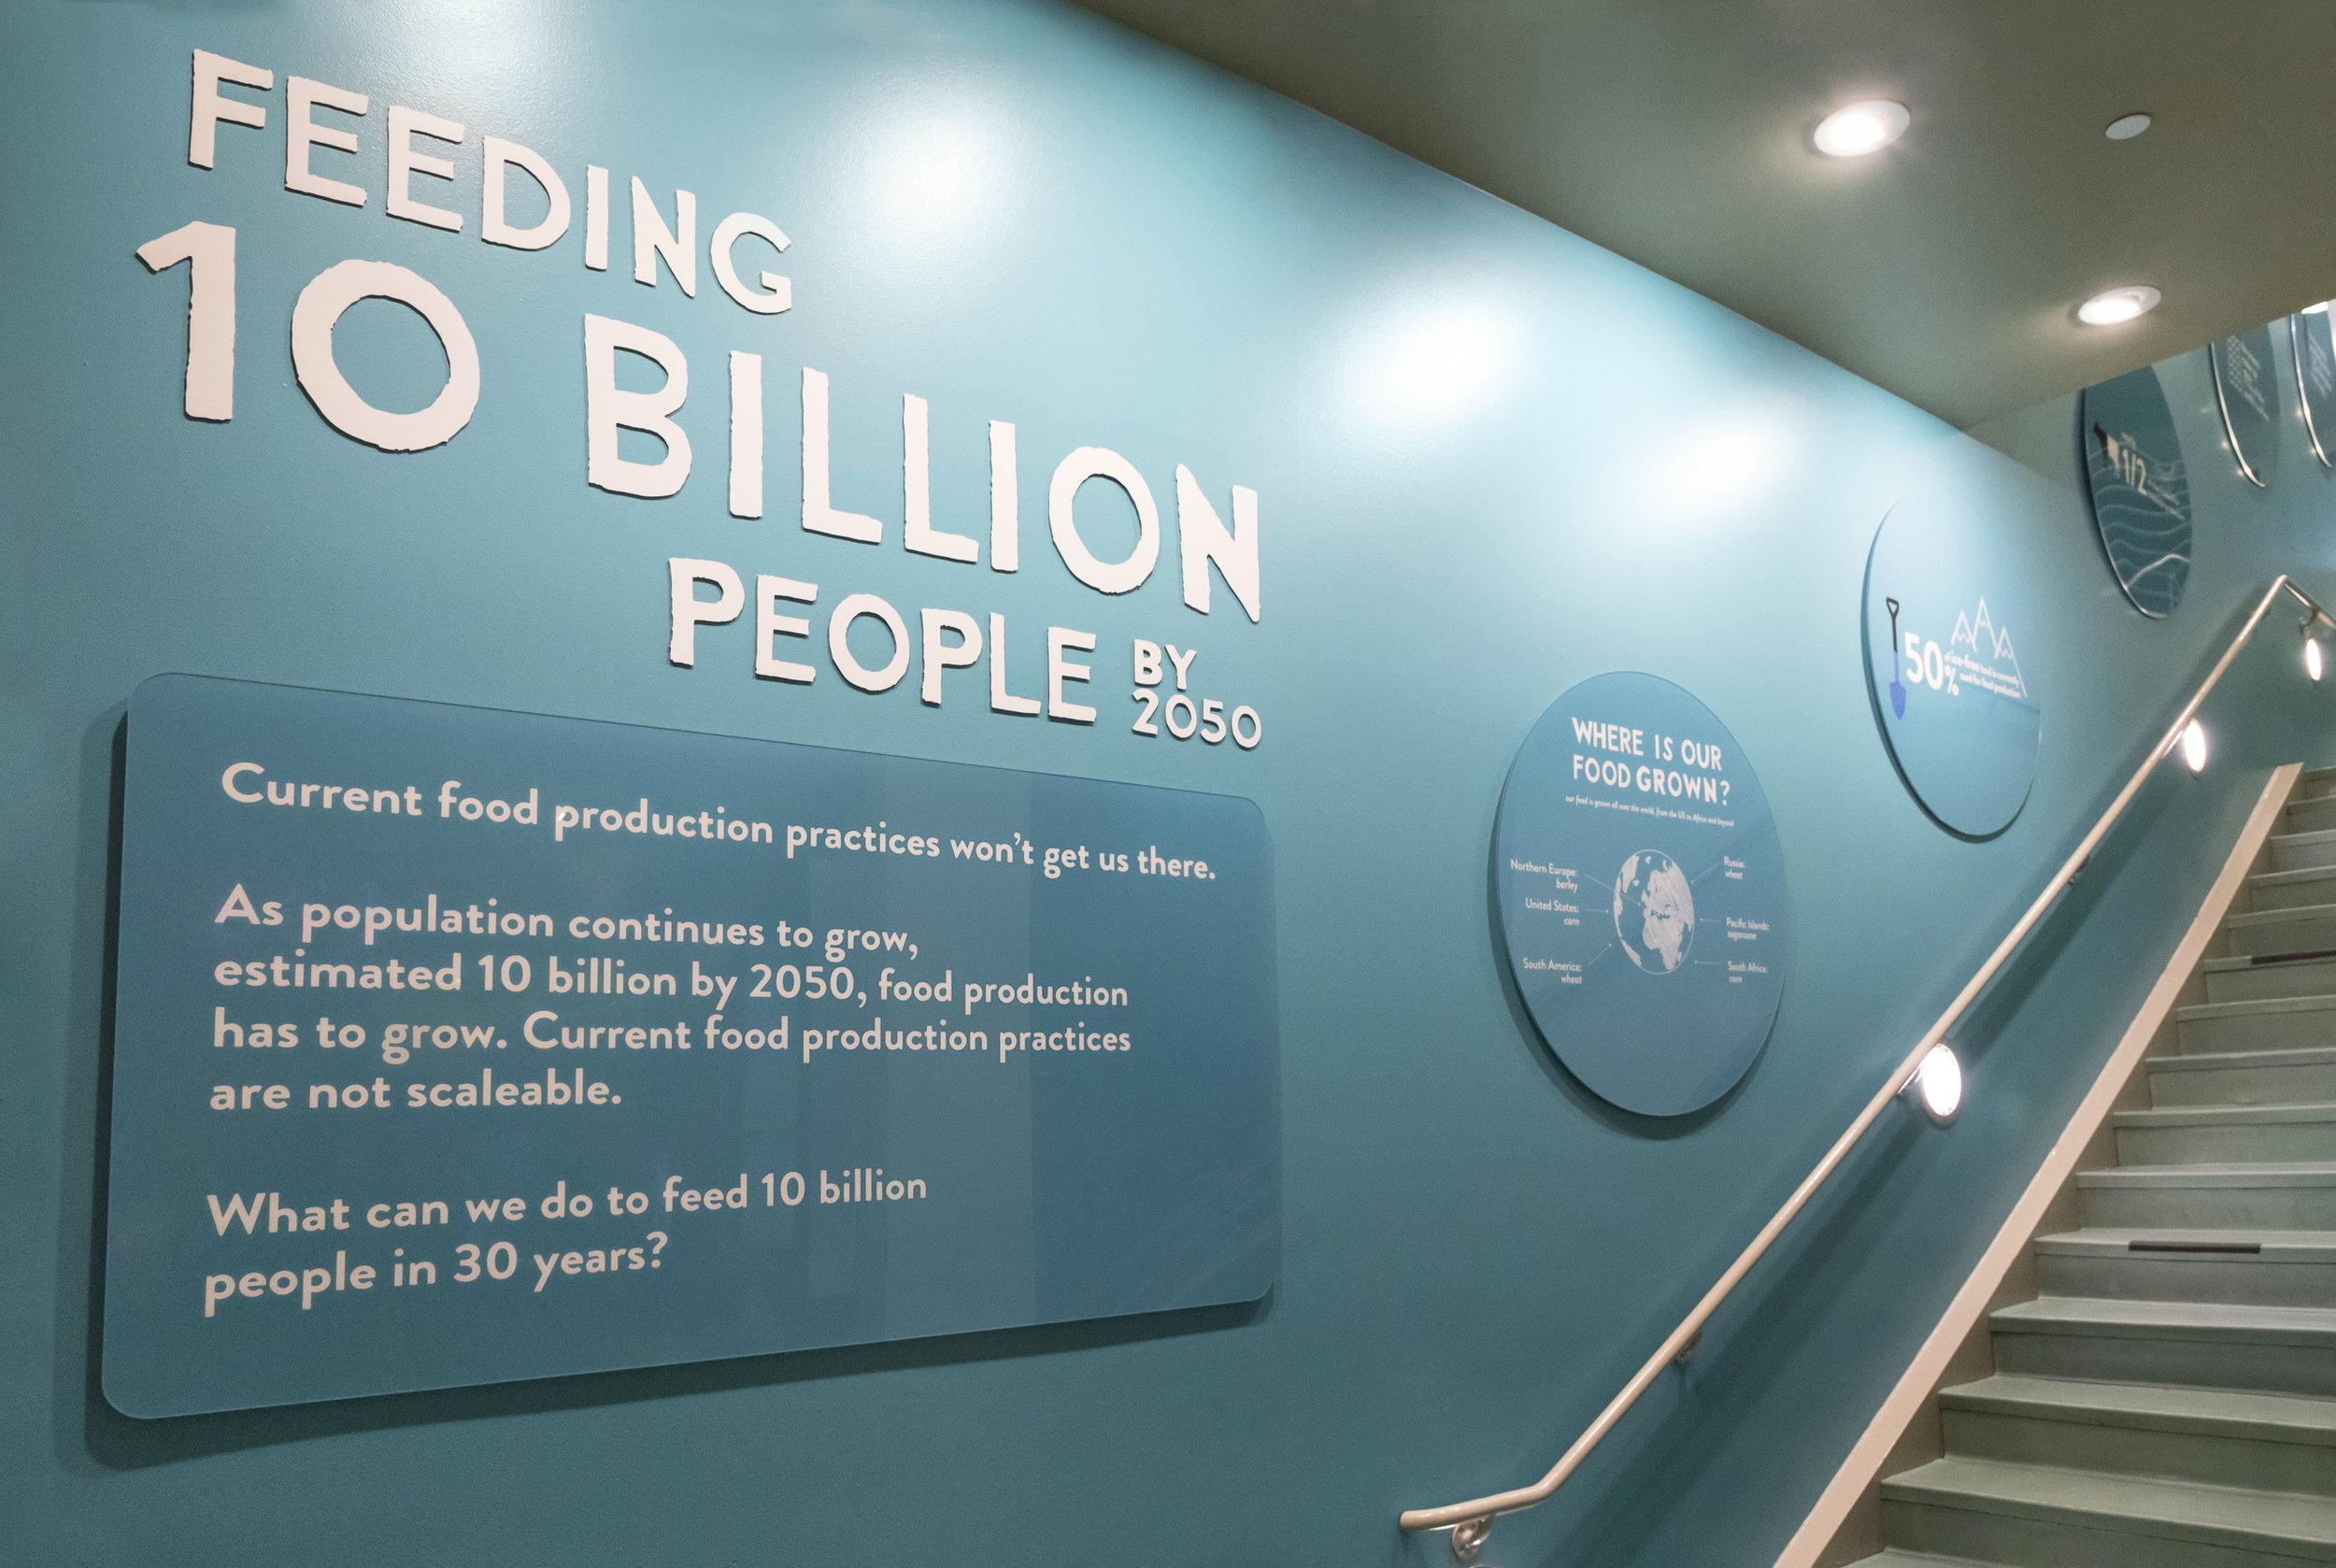 Feeding 10 Billion